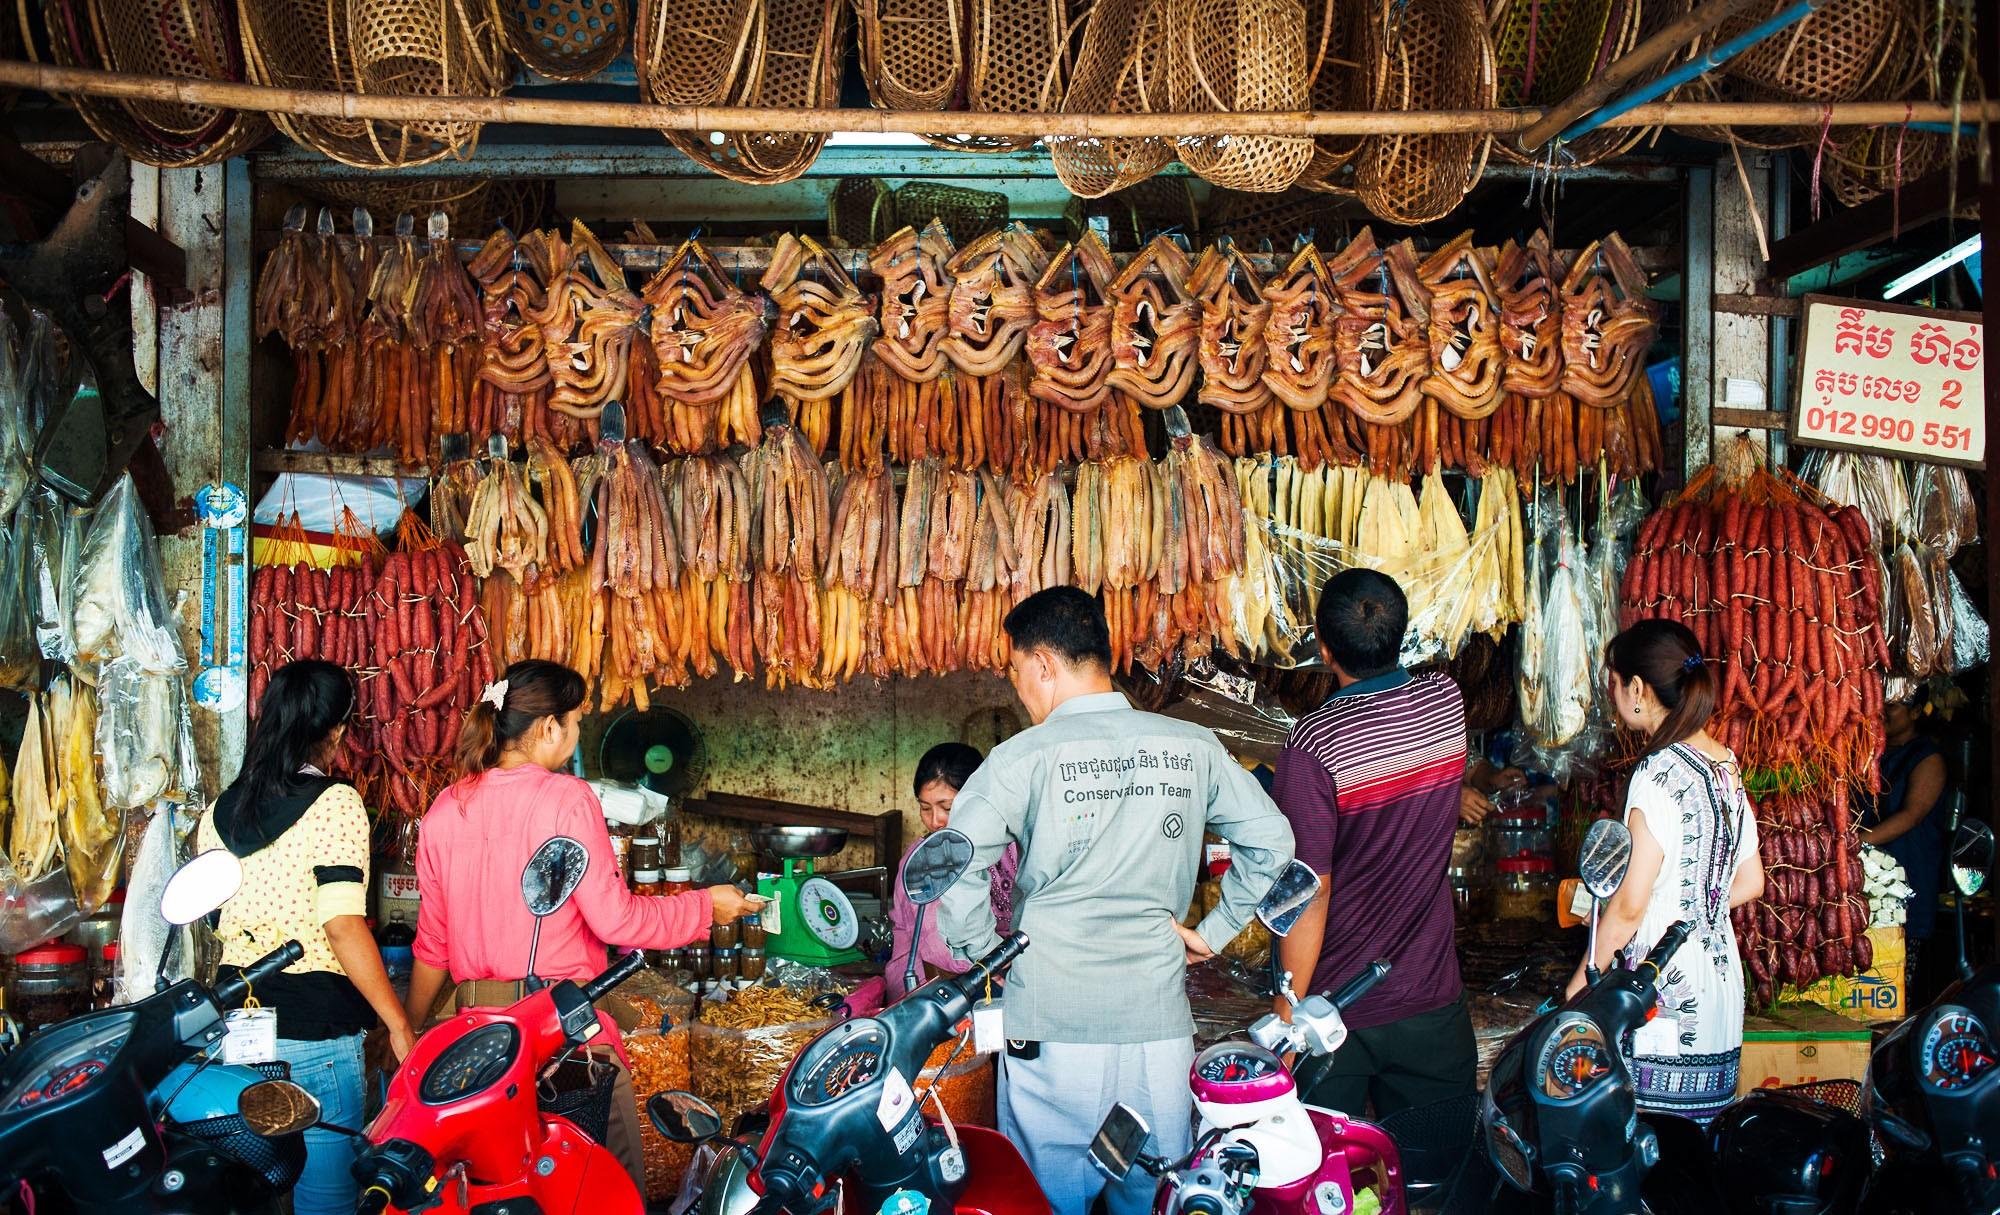 камбоджа, такео, достопримечательности камбоджи, отели камбоджи